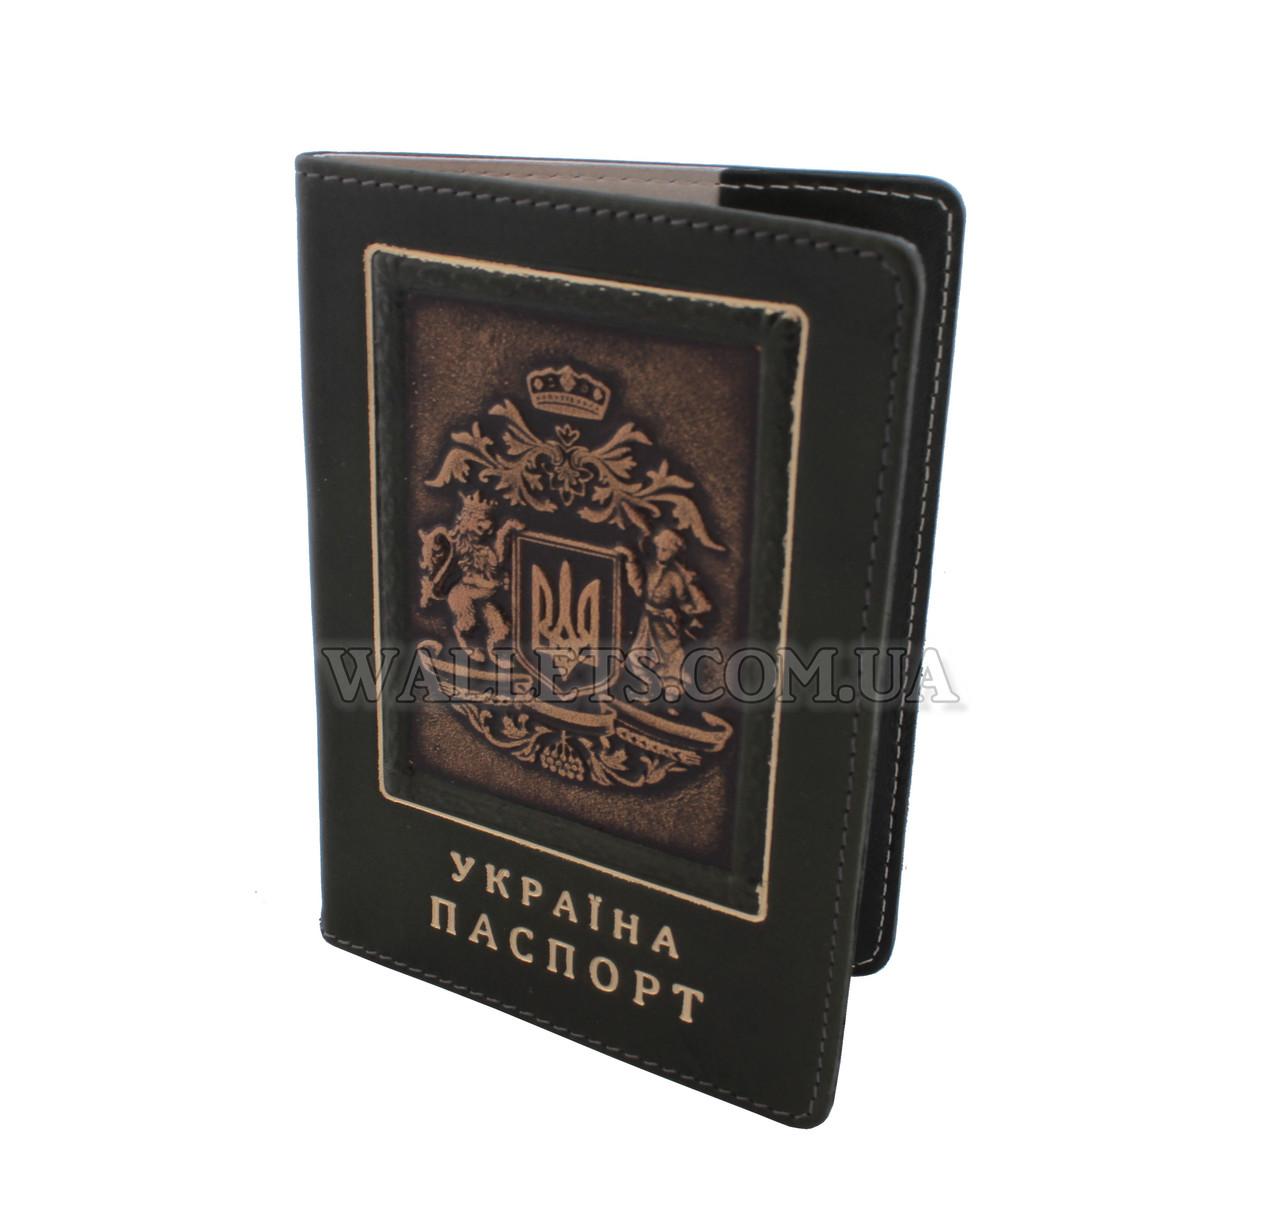 Шкіряна обкладинка для паспорта ST, темно-зелена